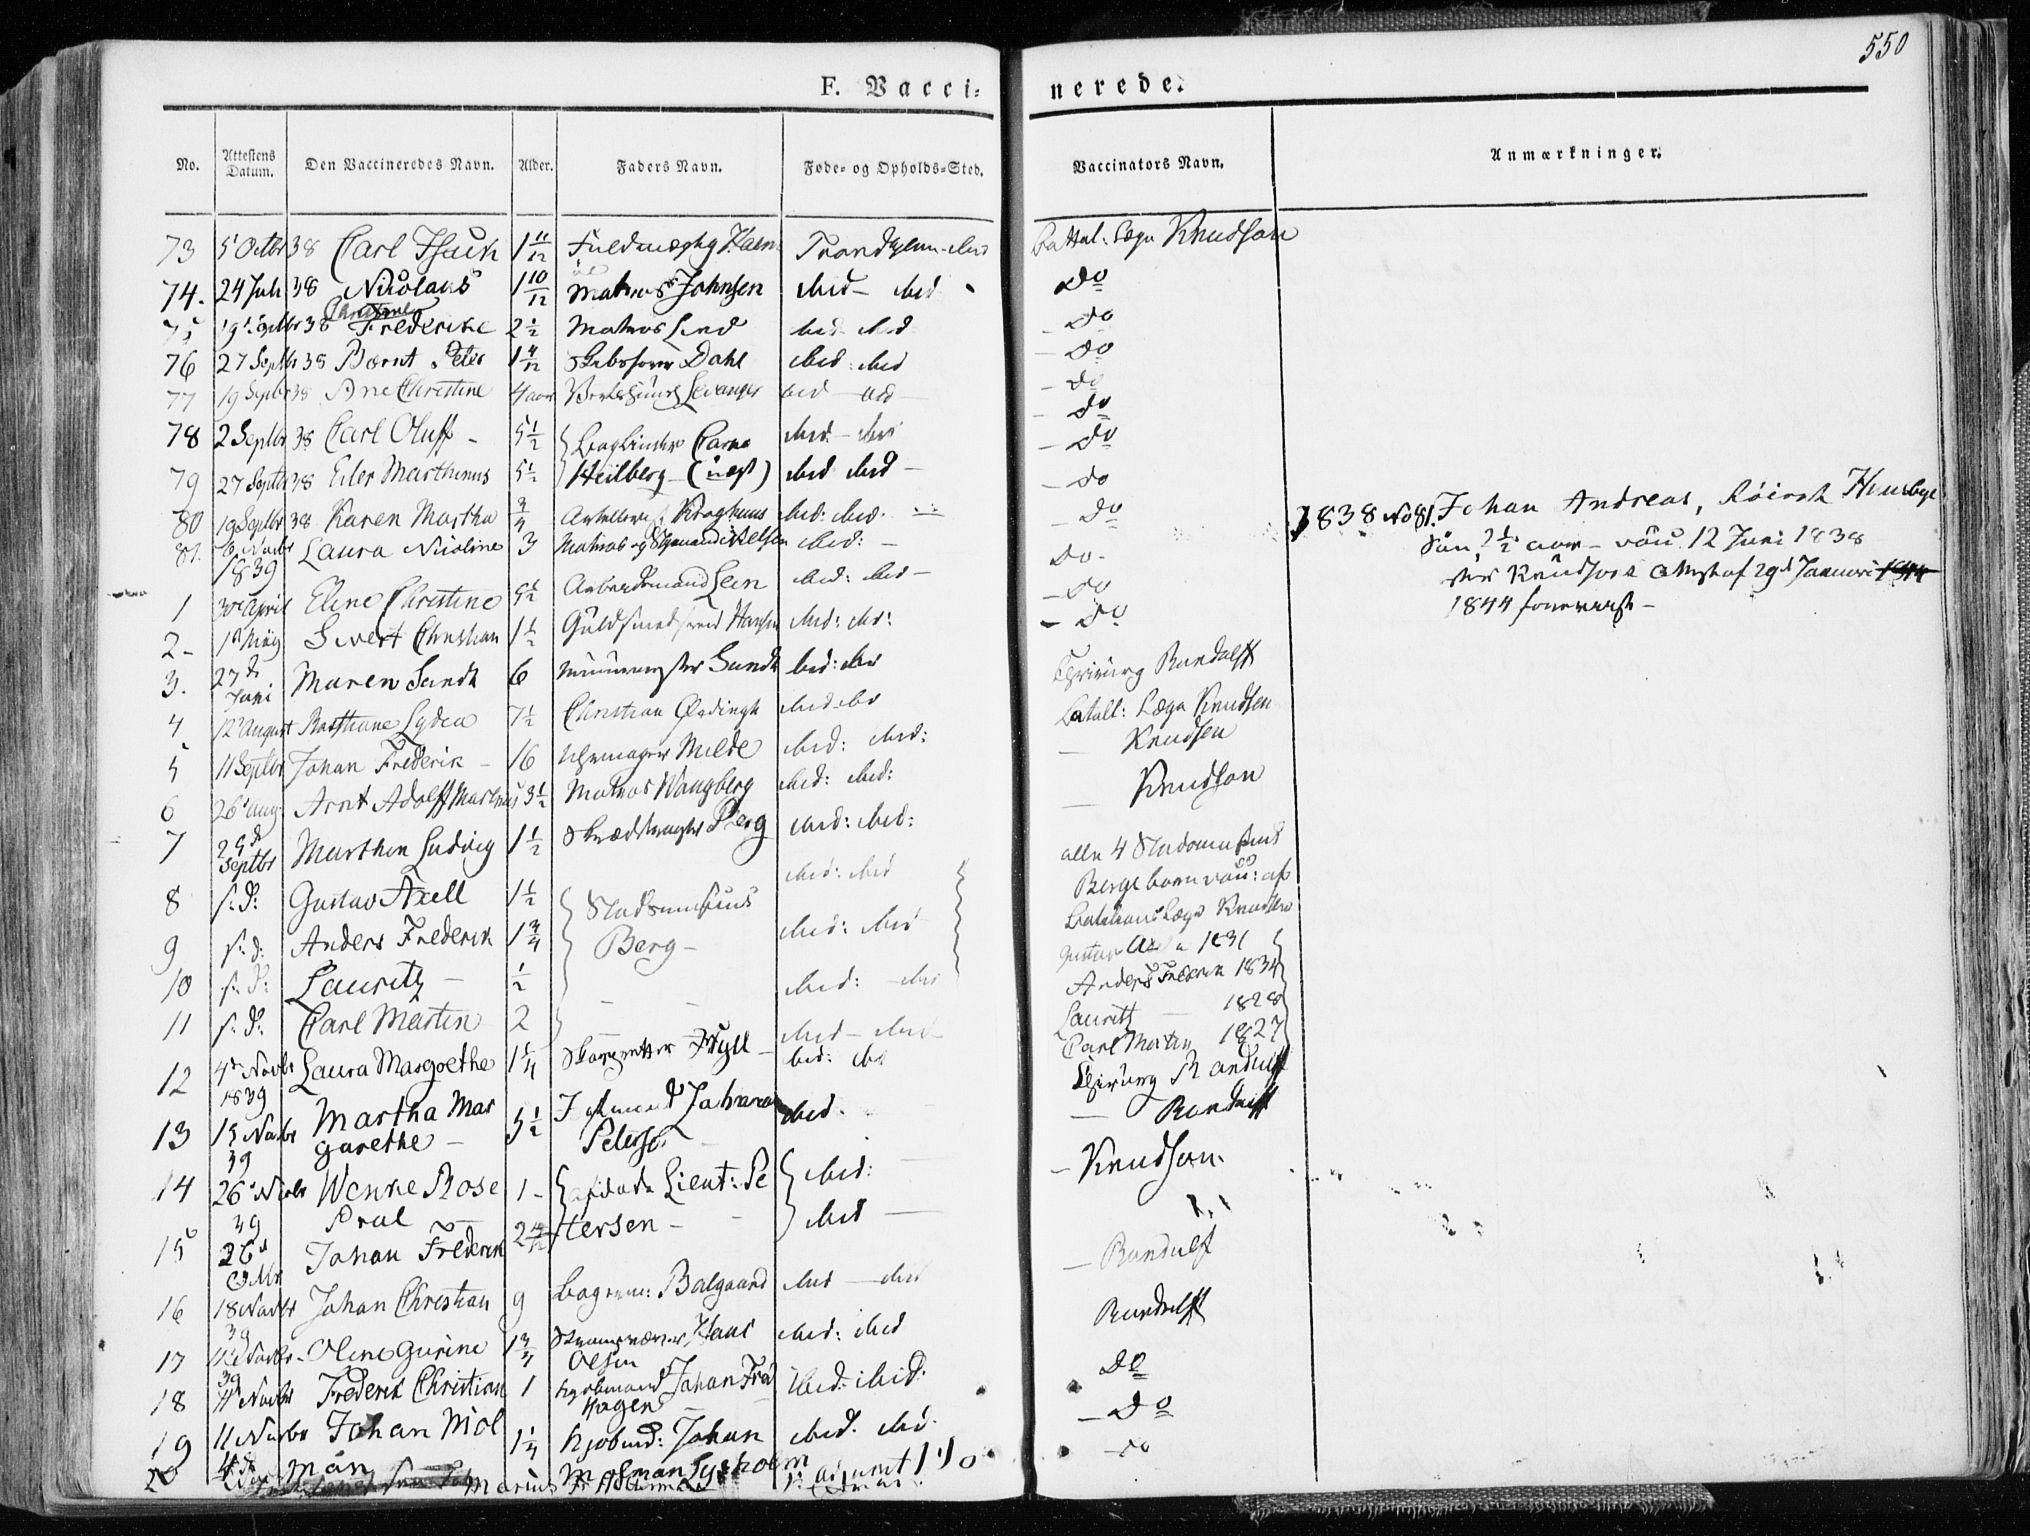 SAT, Ministerialprotokoller, klokkerbøker og fødselsregistre - Sør-Trøndelag, 601/L0047: Ministerialbok nr. 601A15, 1831-1839, s. 550